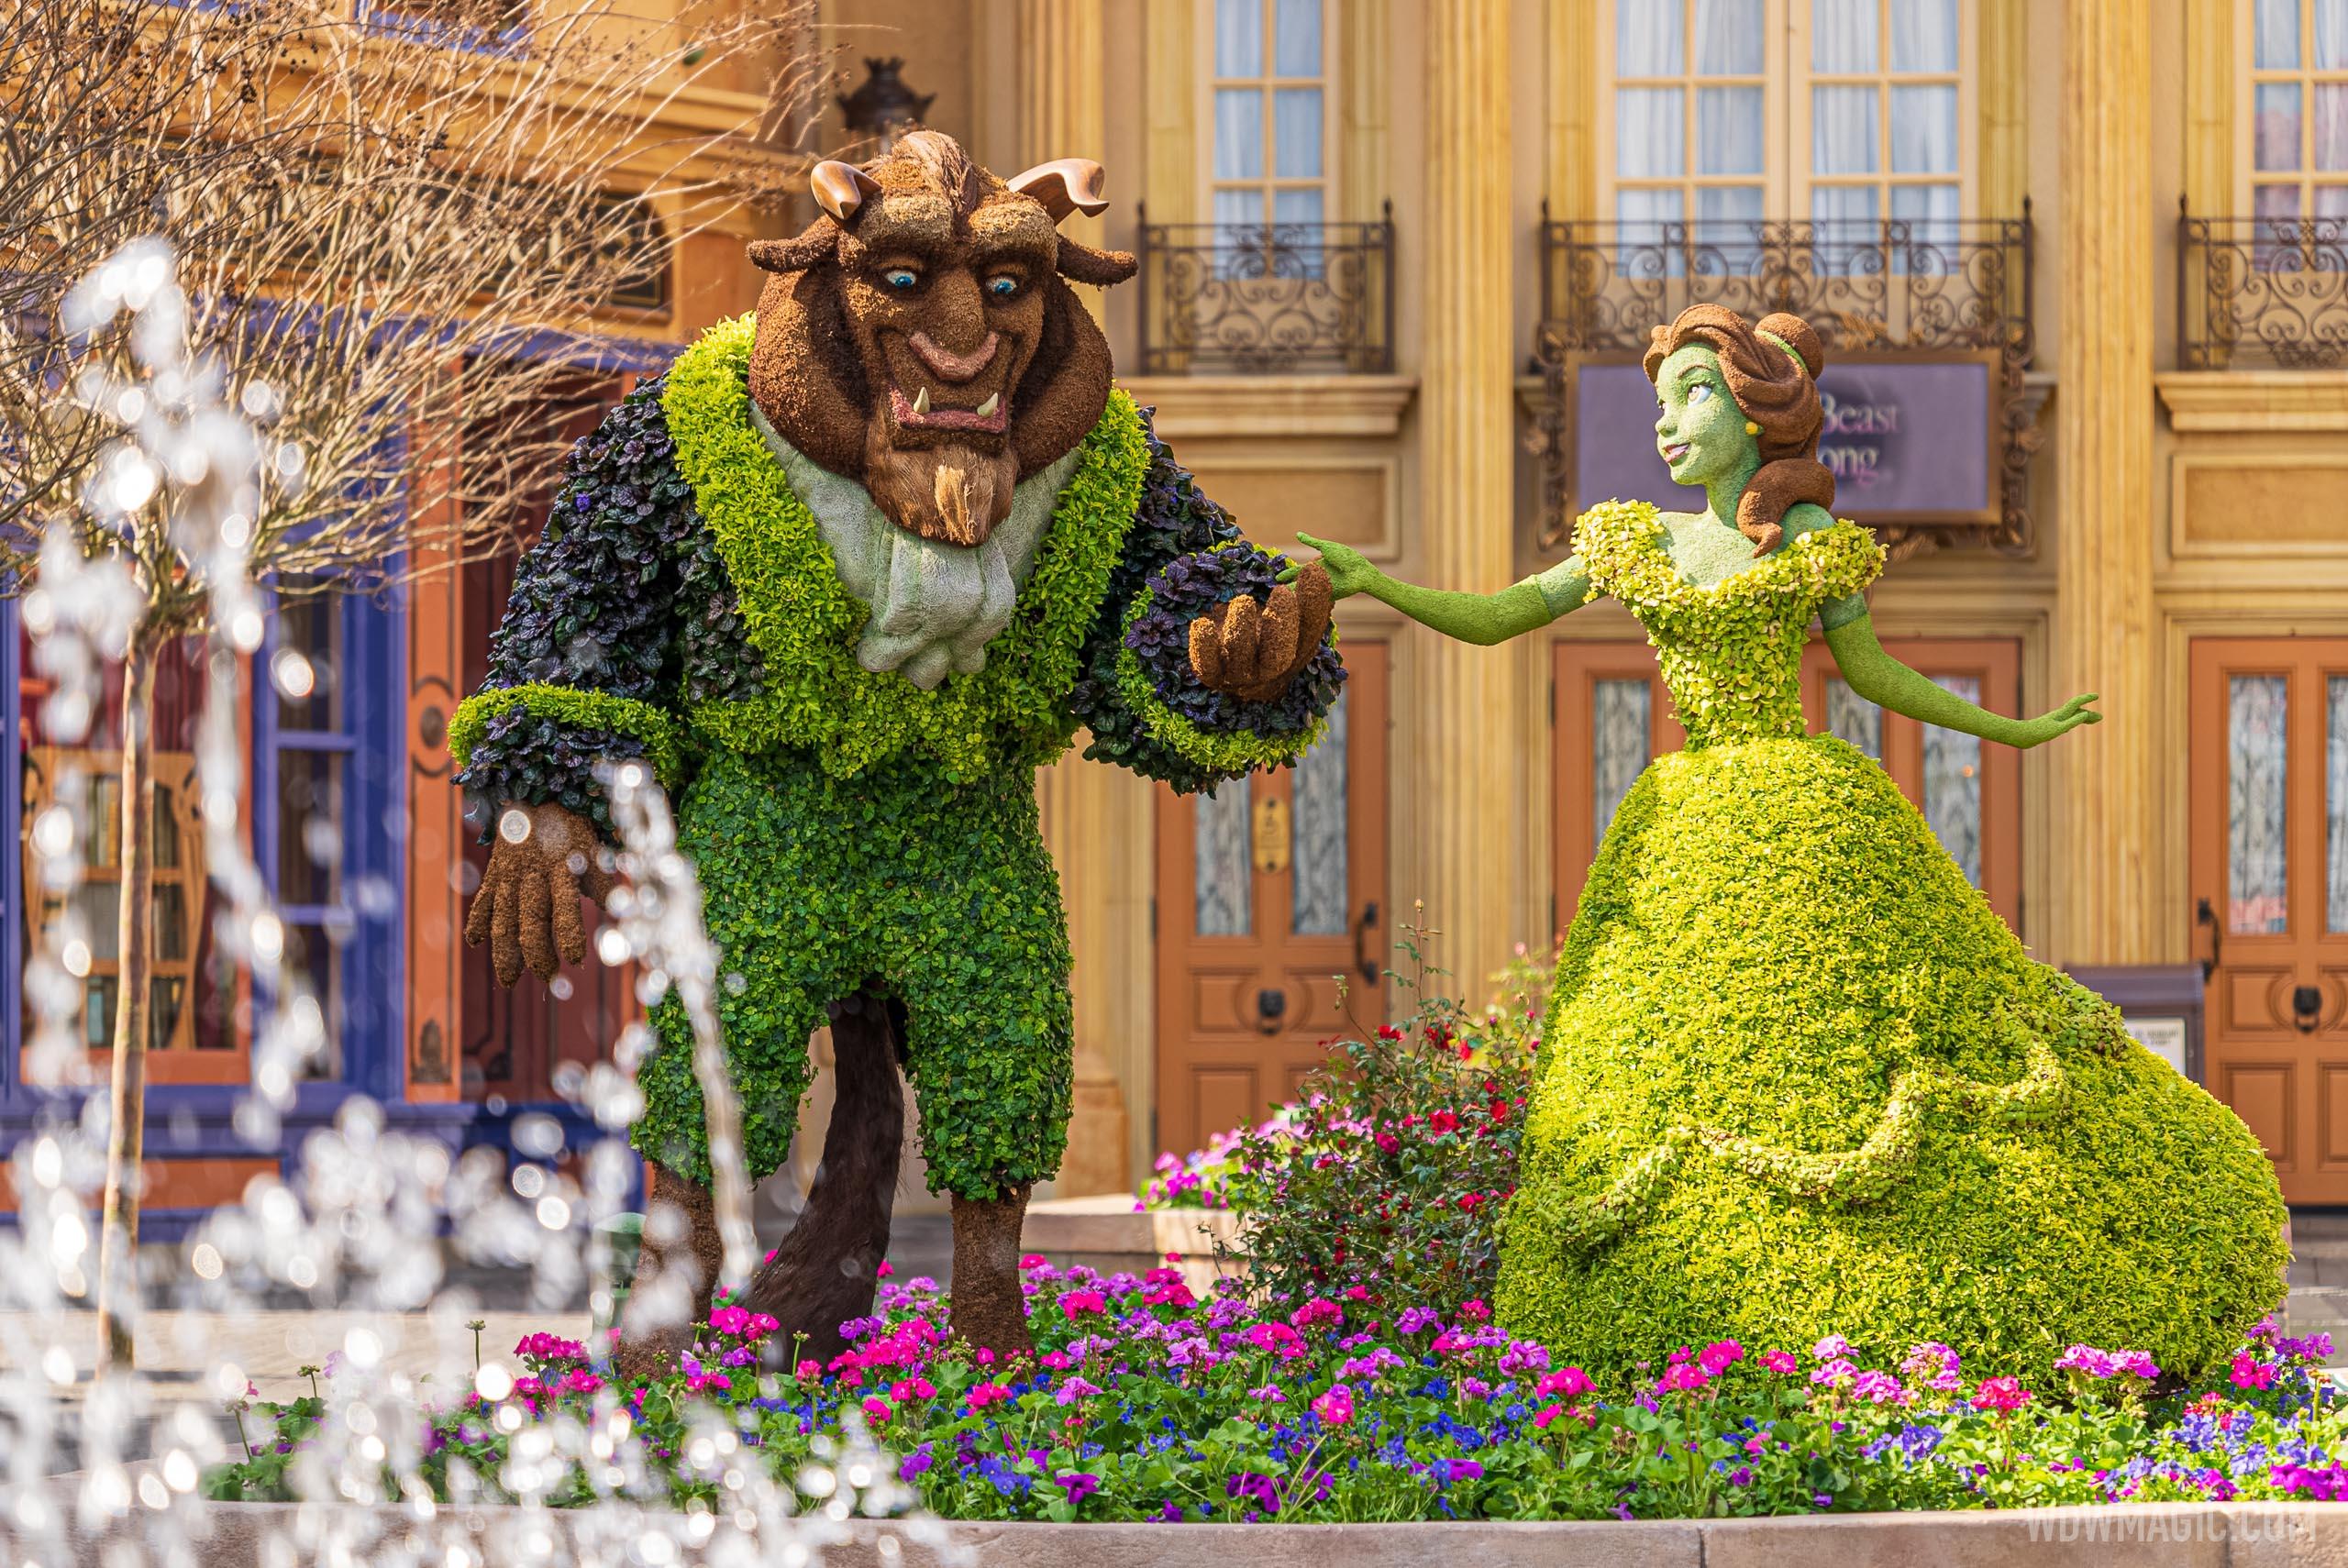 Epcot-International-Flower-and-Garden-Festival_Full_41037.jpg